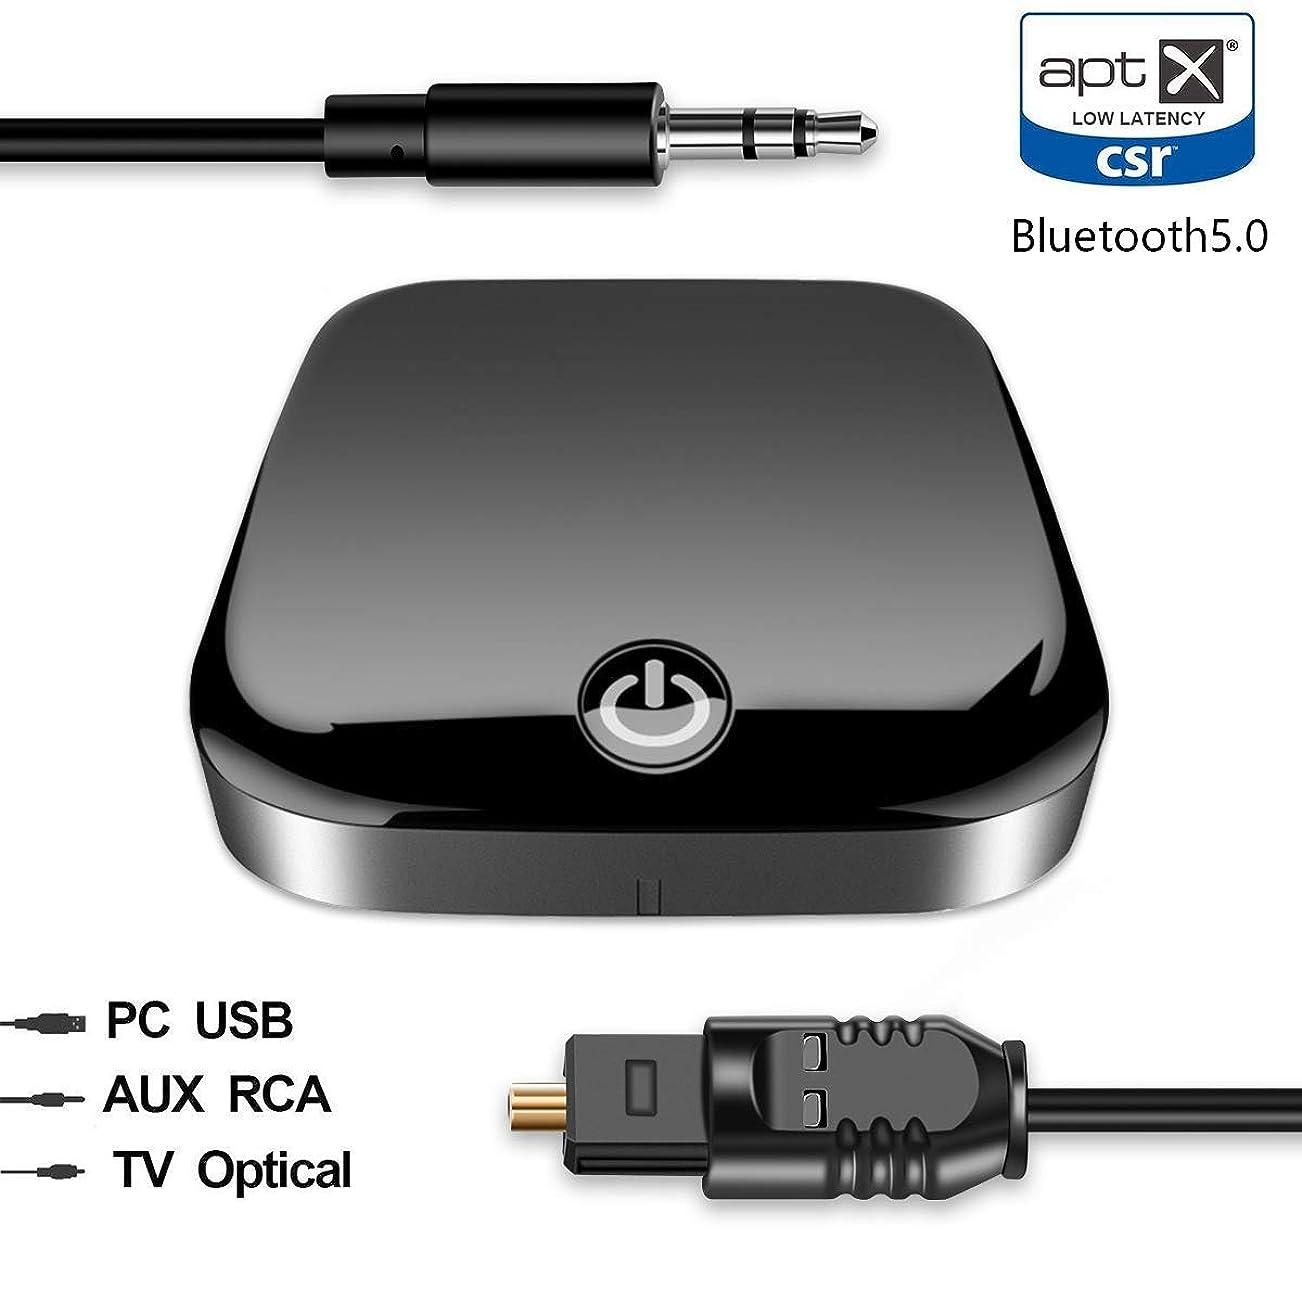 キモいアラブサラボ登録するBluetooth トランスミッター レシーバー TBOYA 2 in 1 Bluetooth 5.0送信機 受信機 2台同時接続 aptX HD aptX LL対応 高音質 低遅延 低ノイズ RCA AUX SPDIF接続 15時間連続作動